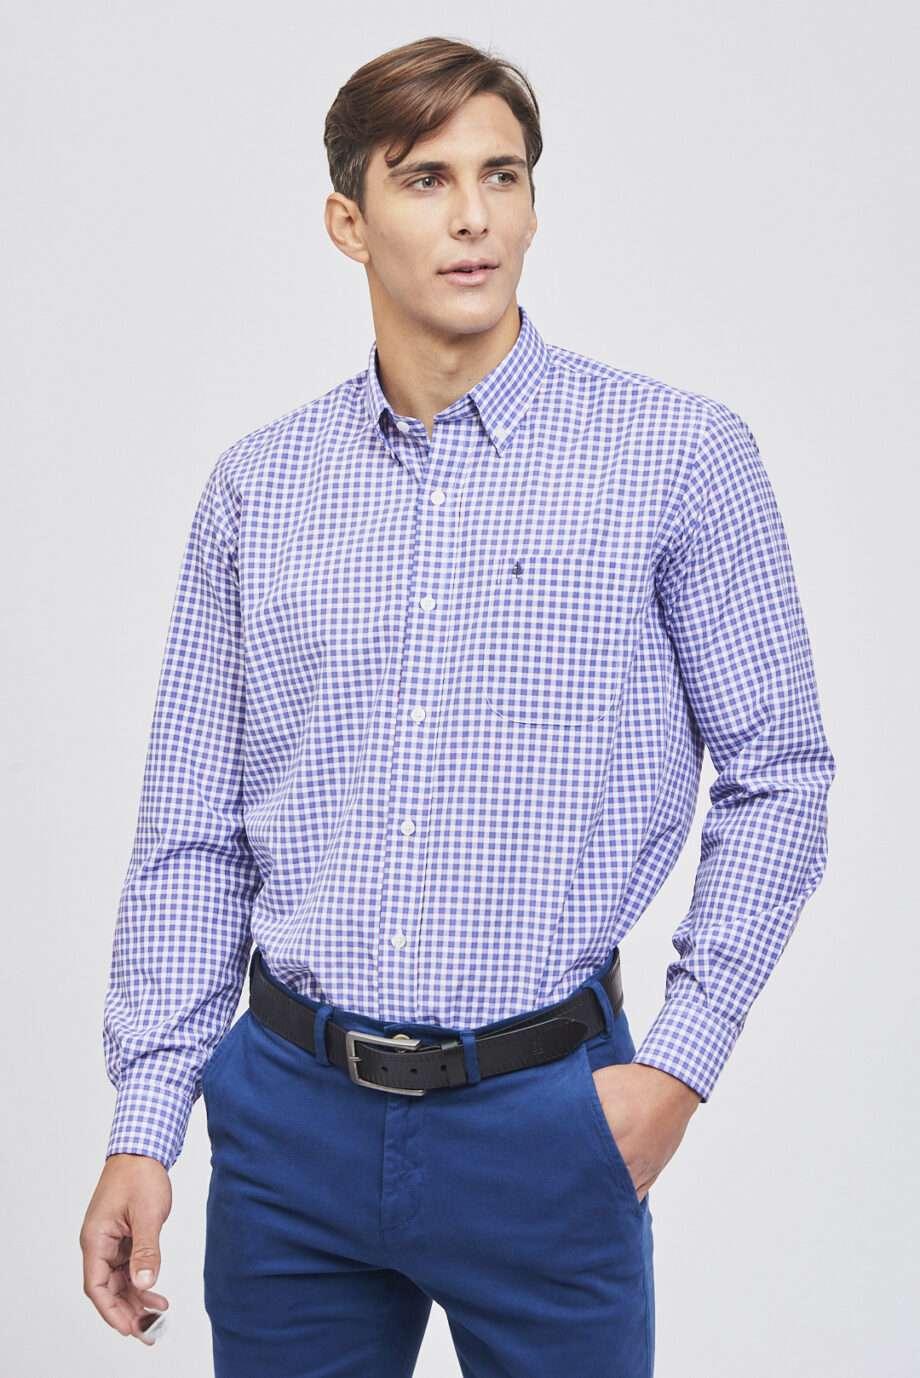 Camisa mangas largas regular fit a cuadros de algodón y poliester